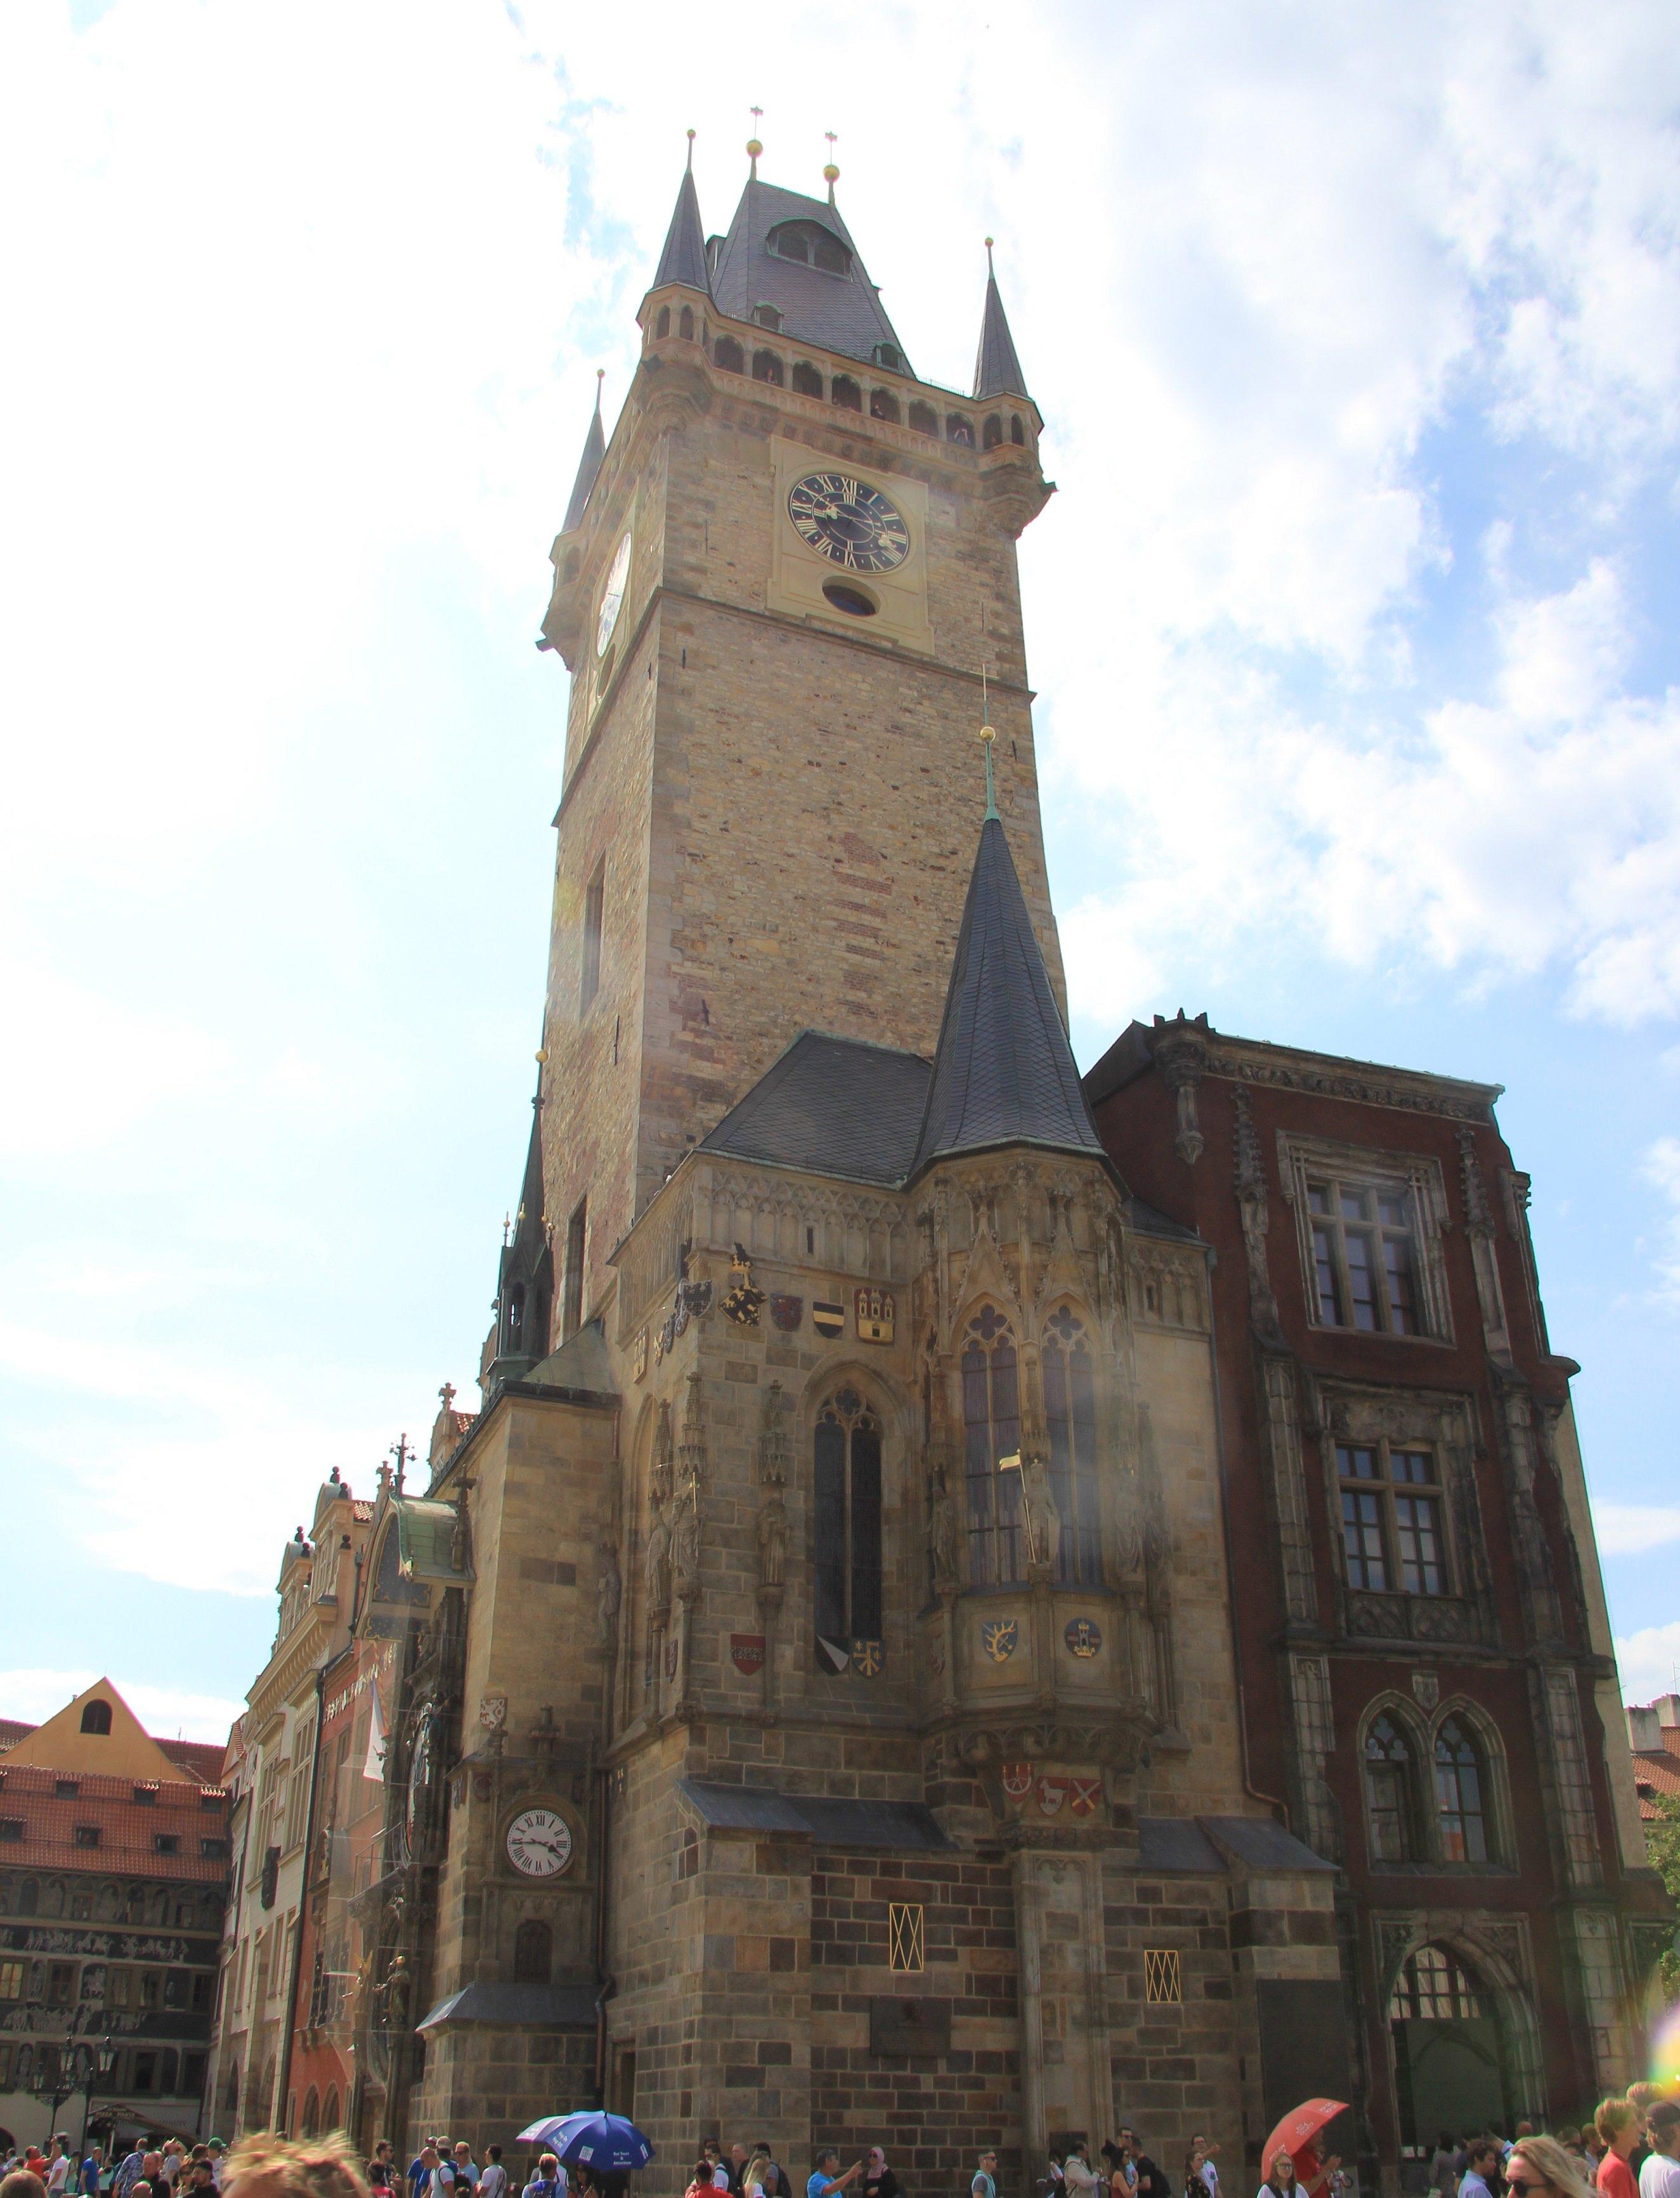 Староместская ратуша, Прага, Чехия. Август, 2019